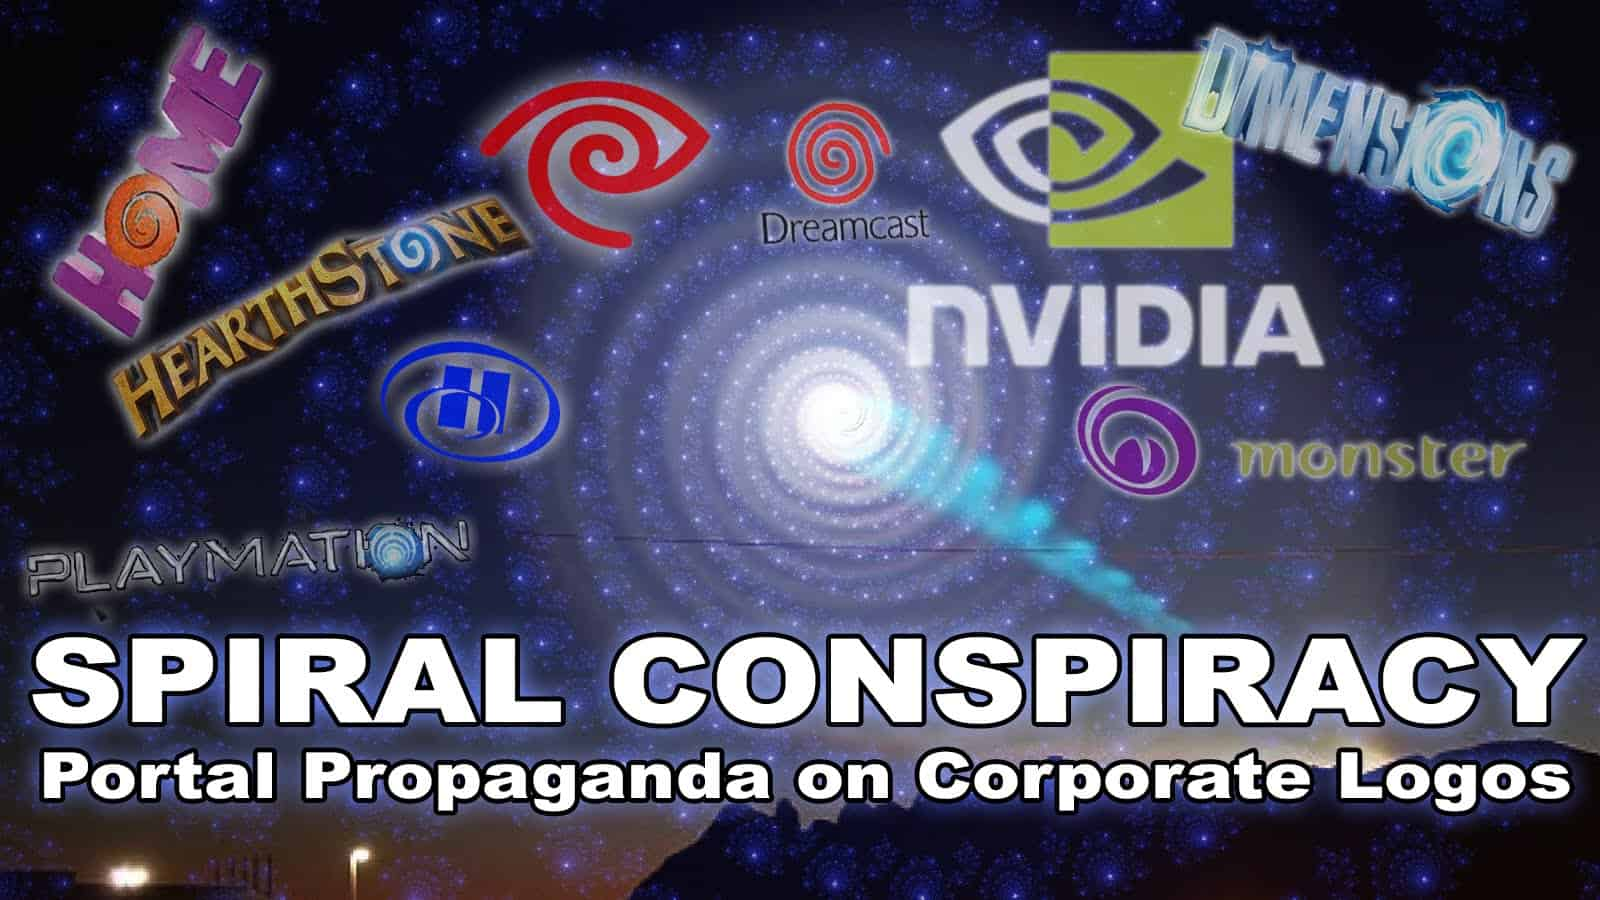 SPIRAL CONSPIRACY: Portal Propaganda on Corporate Logos